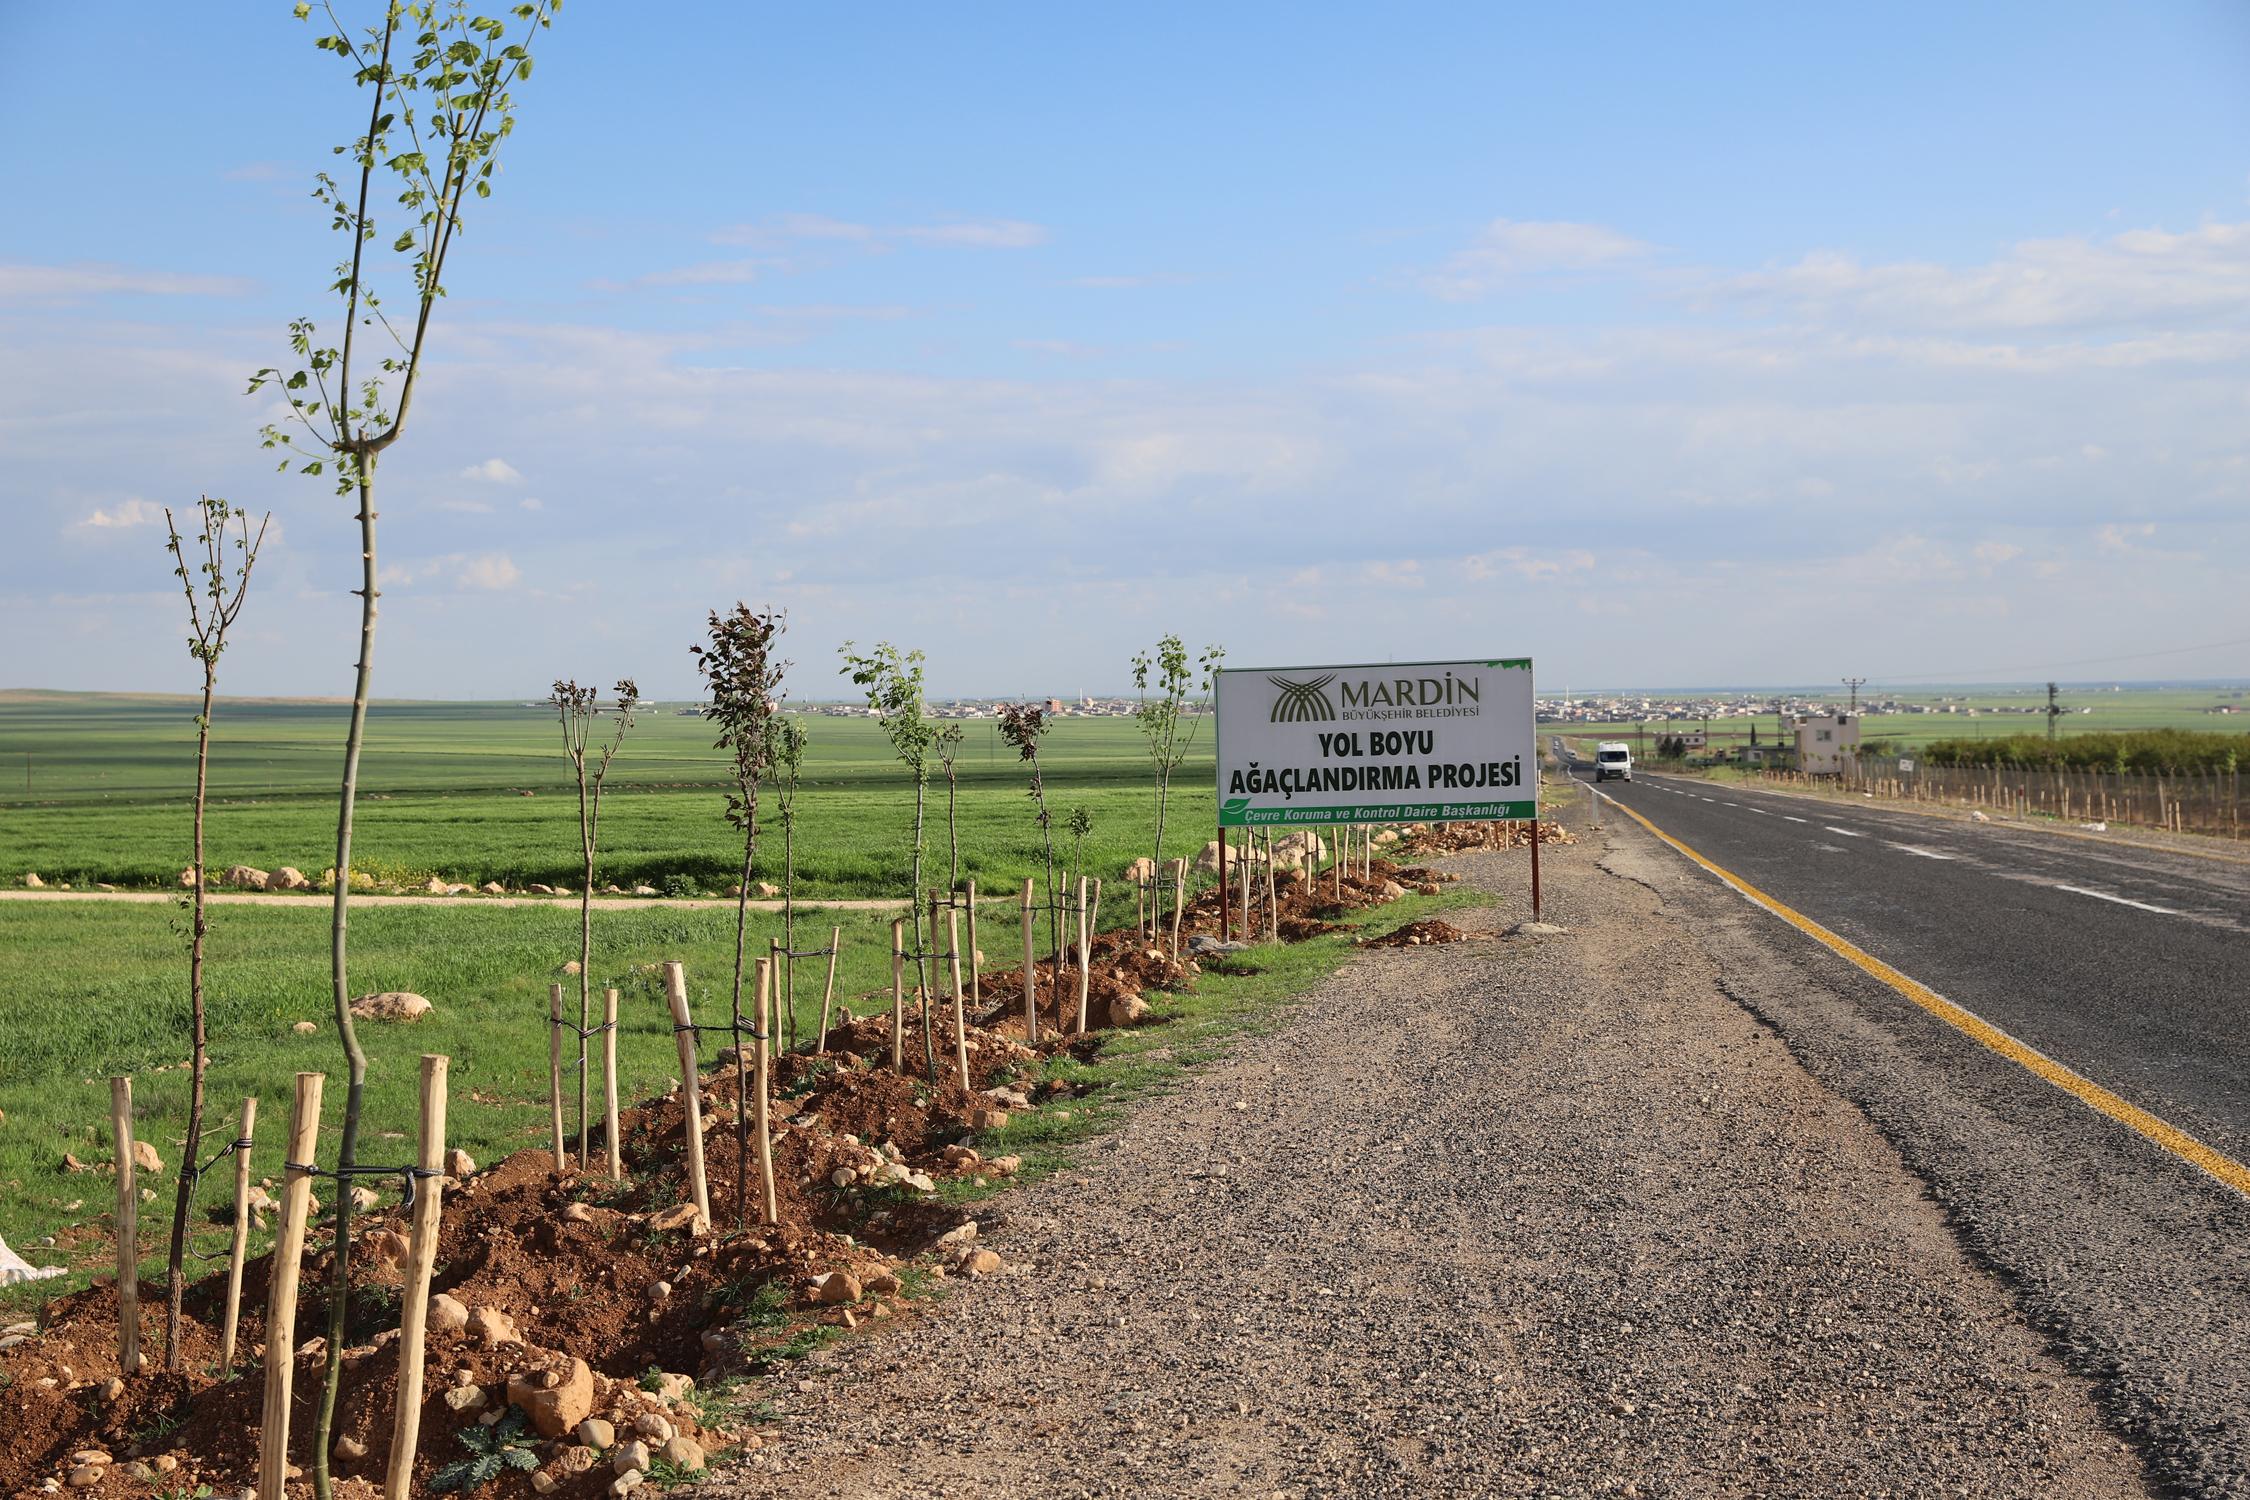 Yol Boyu Ağaçlandırma Projesi sürüyor